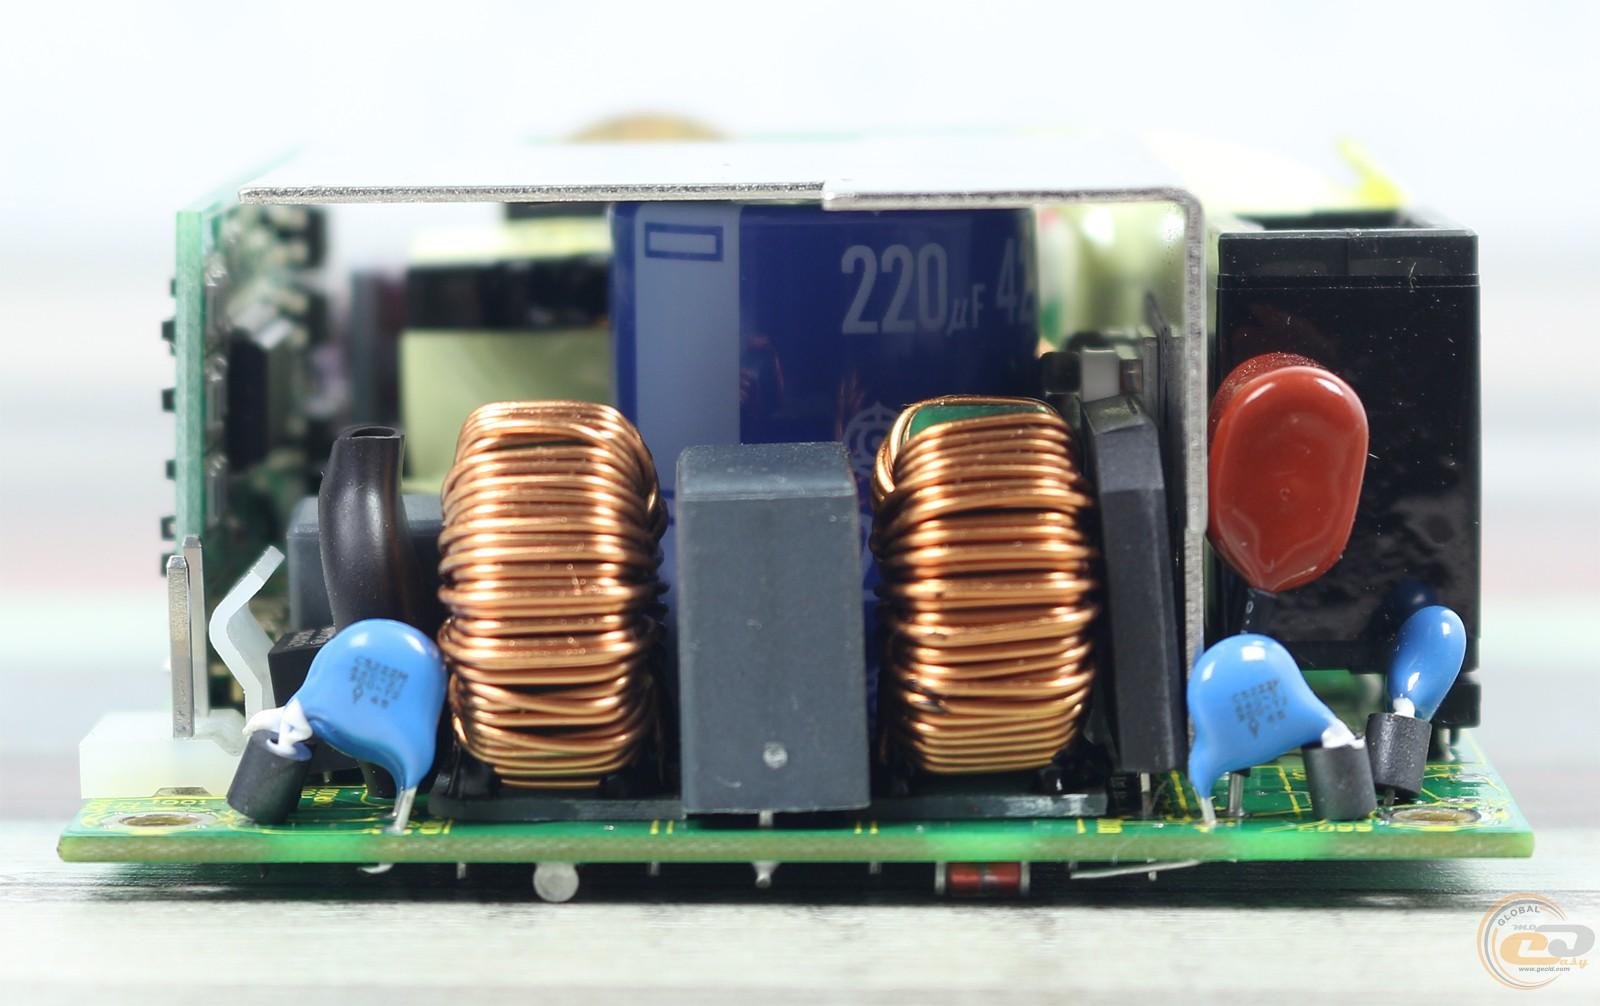 Устройство грозозащиты OSNOVO SP-CPD/220 для цепей видео питания и данных 110/220B 0.5А